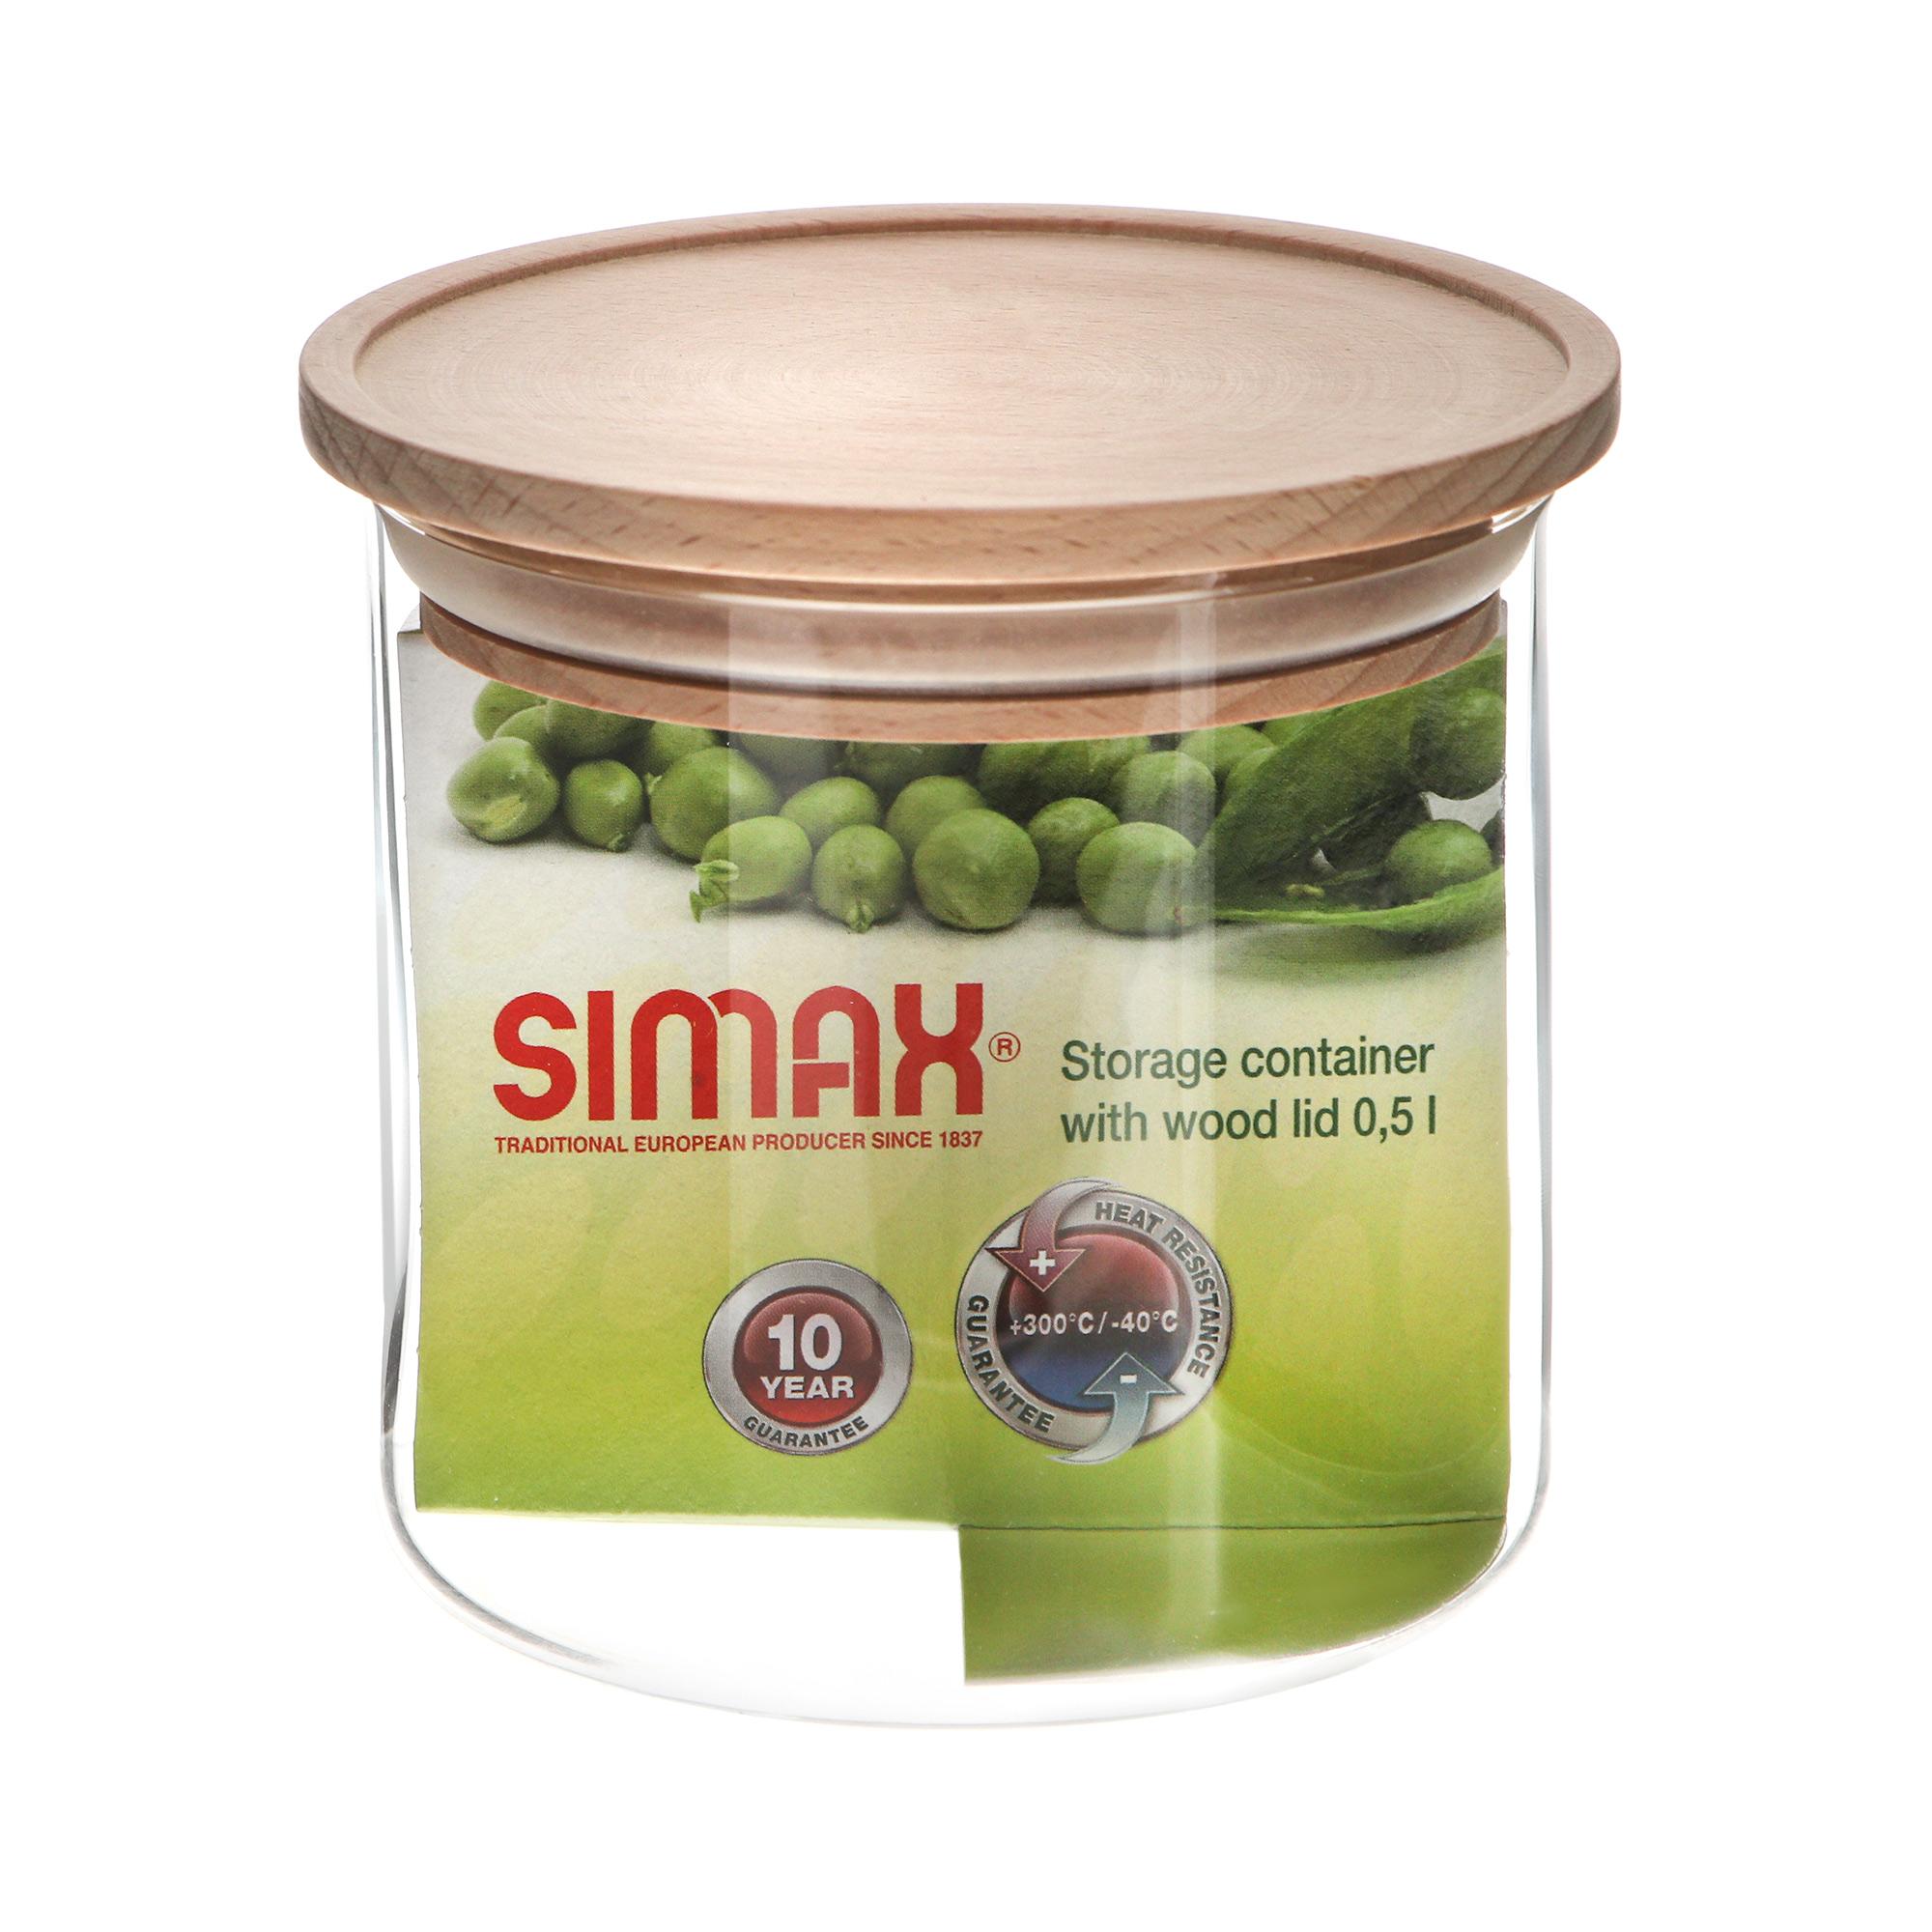 Фото - Банка для хранения Simax Classic 500 мл миска simax simax classic 1 5л жаропрочное стекло л5899